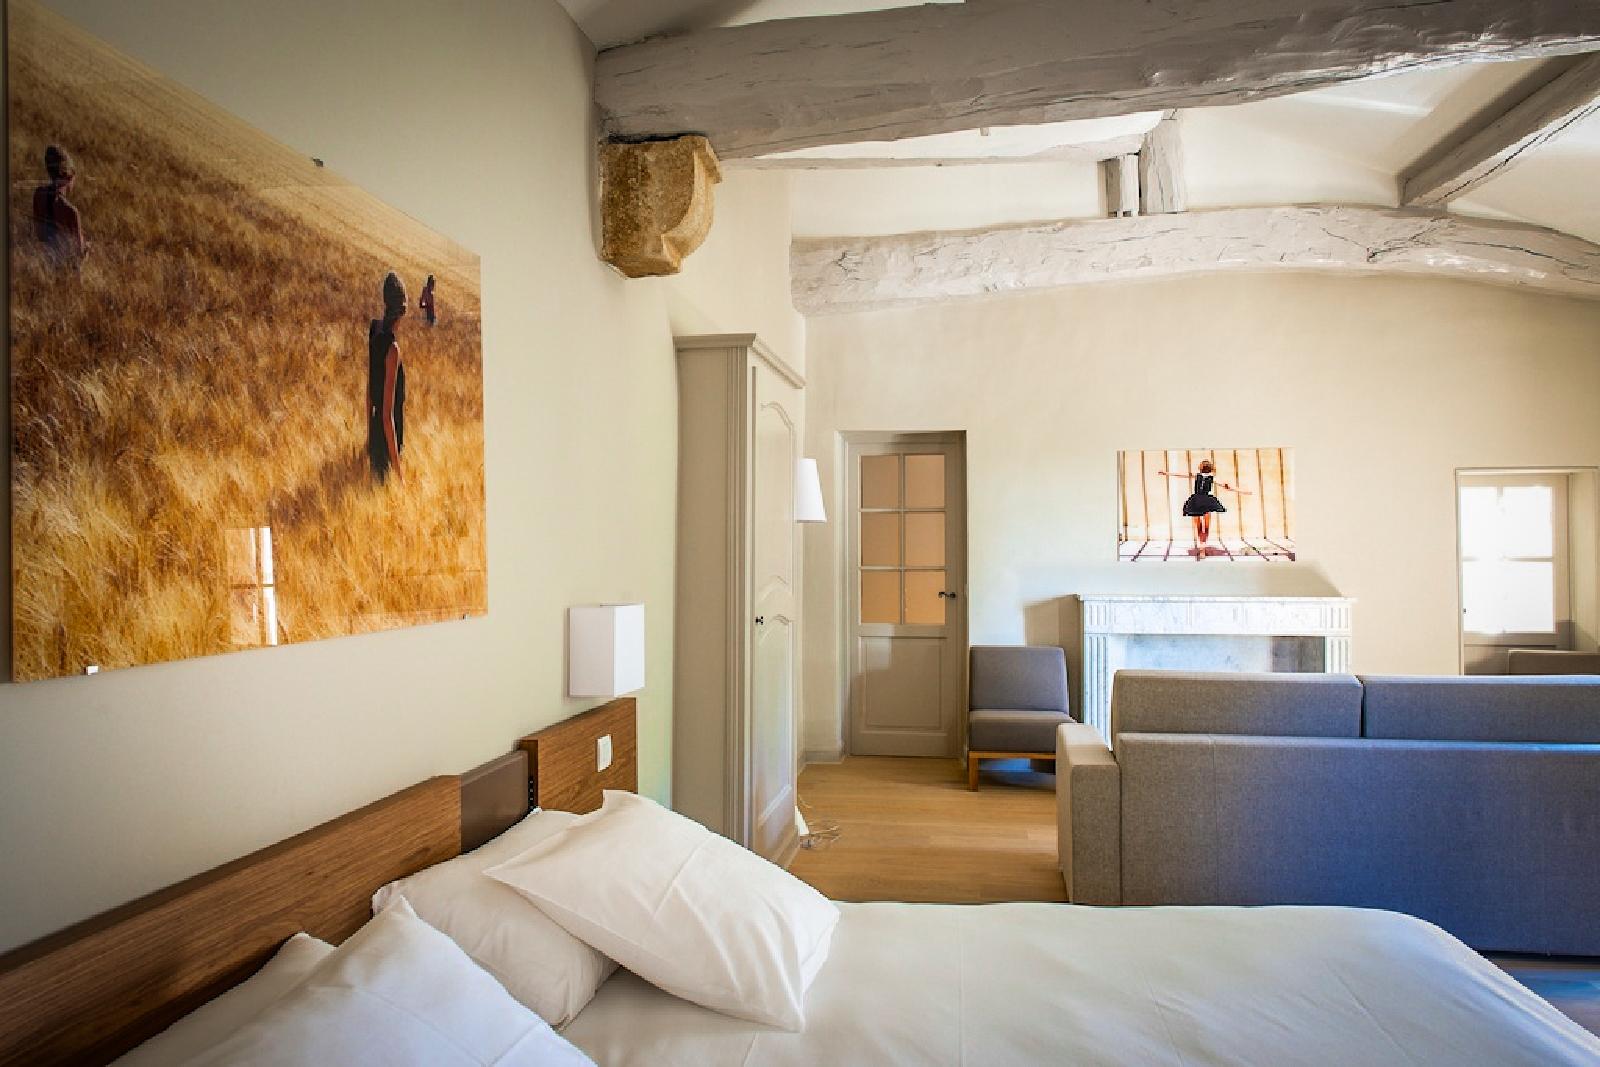 Kamer - idyllische hotels - La bégude Saint Pierre - Reizen met kinderen